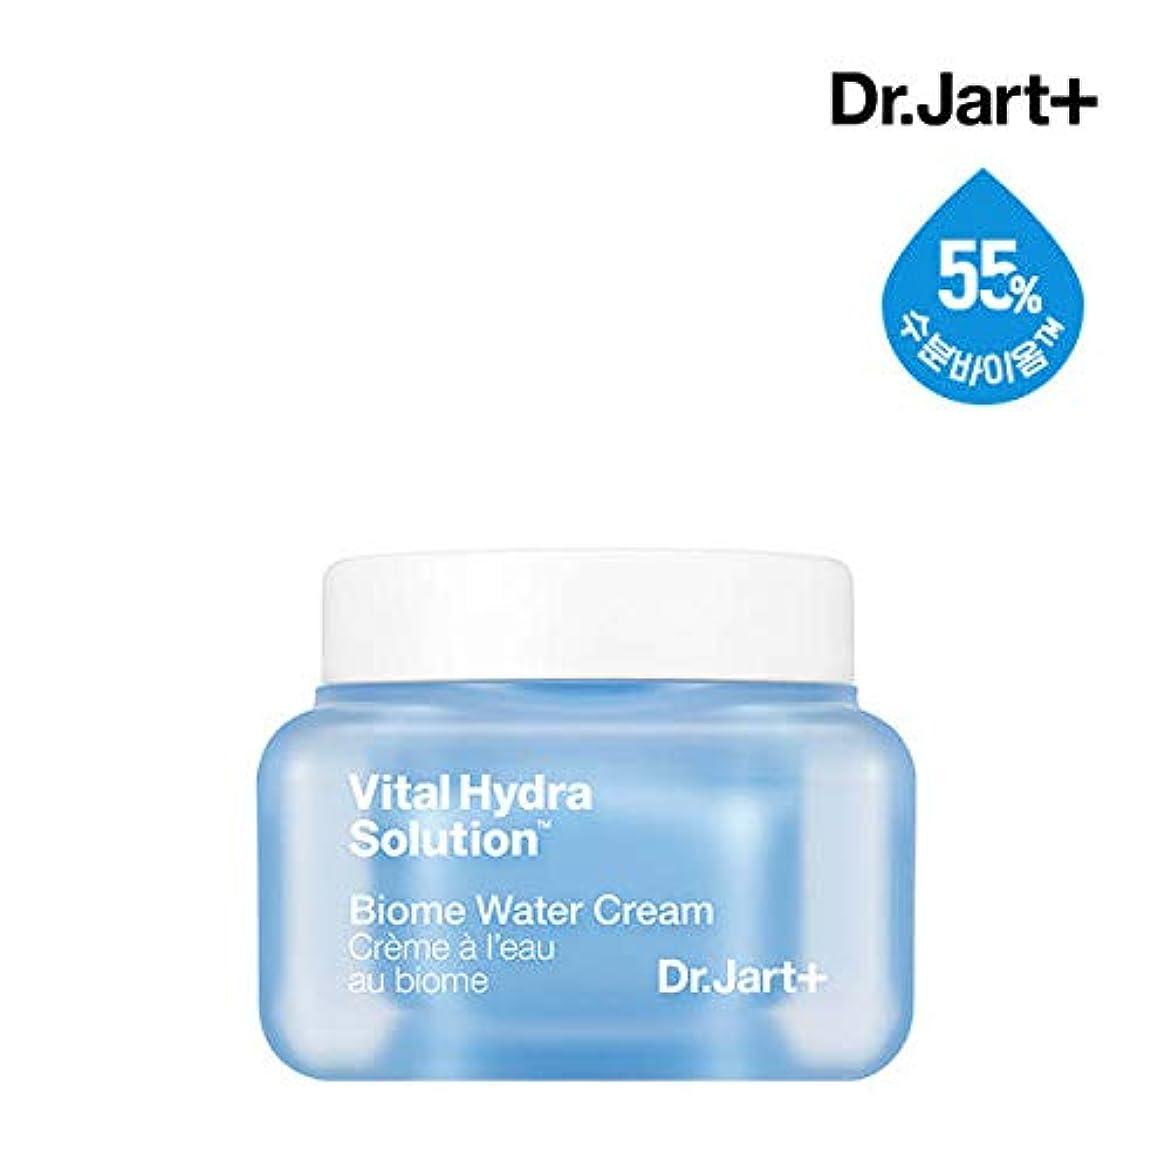 シェア予知証言ドクタージャルトゥ[Dr.Jart+] バイタルハイドラソリューションバイオームウォータークリーム50ml (Vital Hydra Solution Biome Water Cream) /リフレッシュハイドレーション